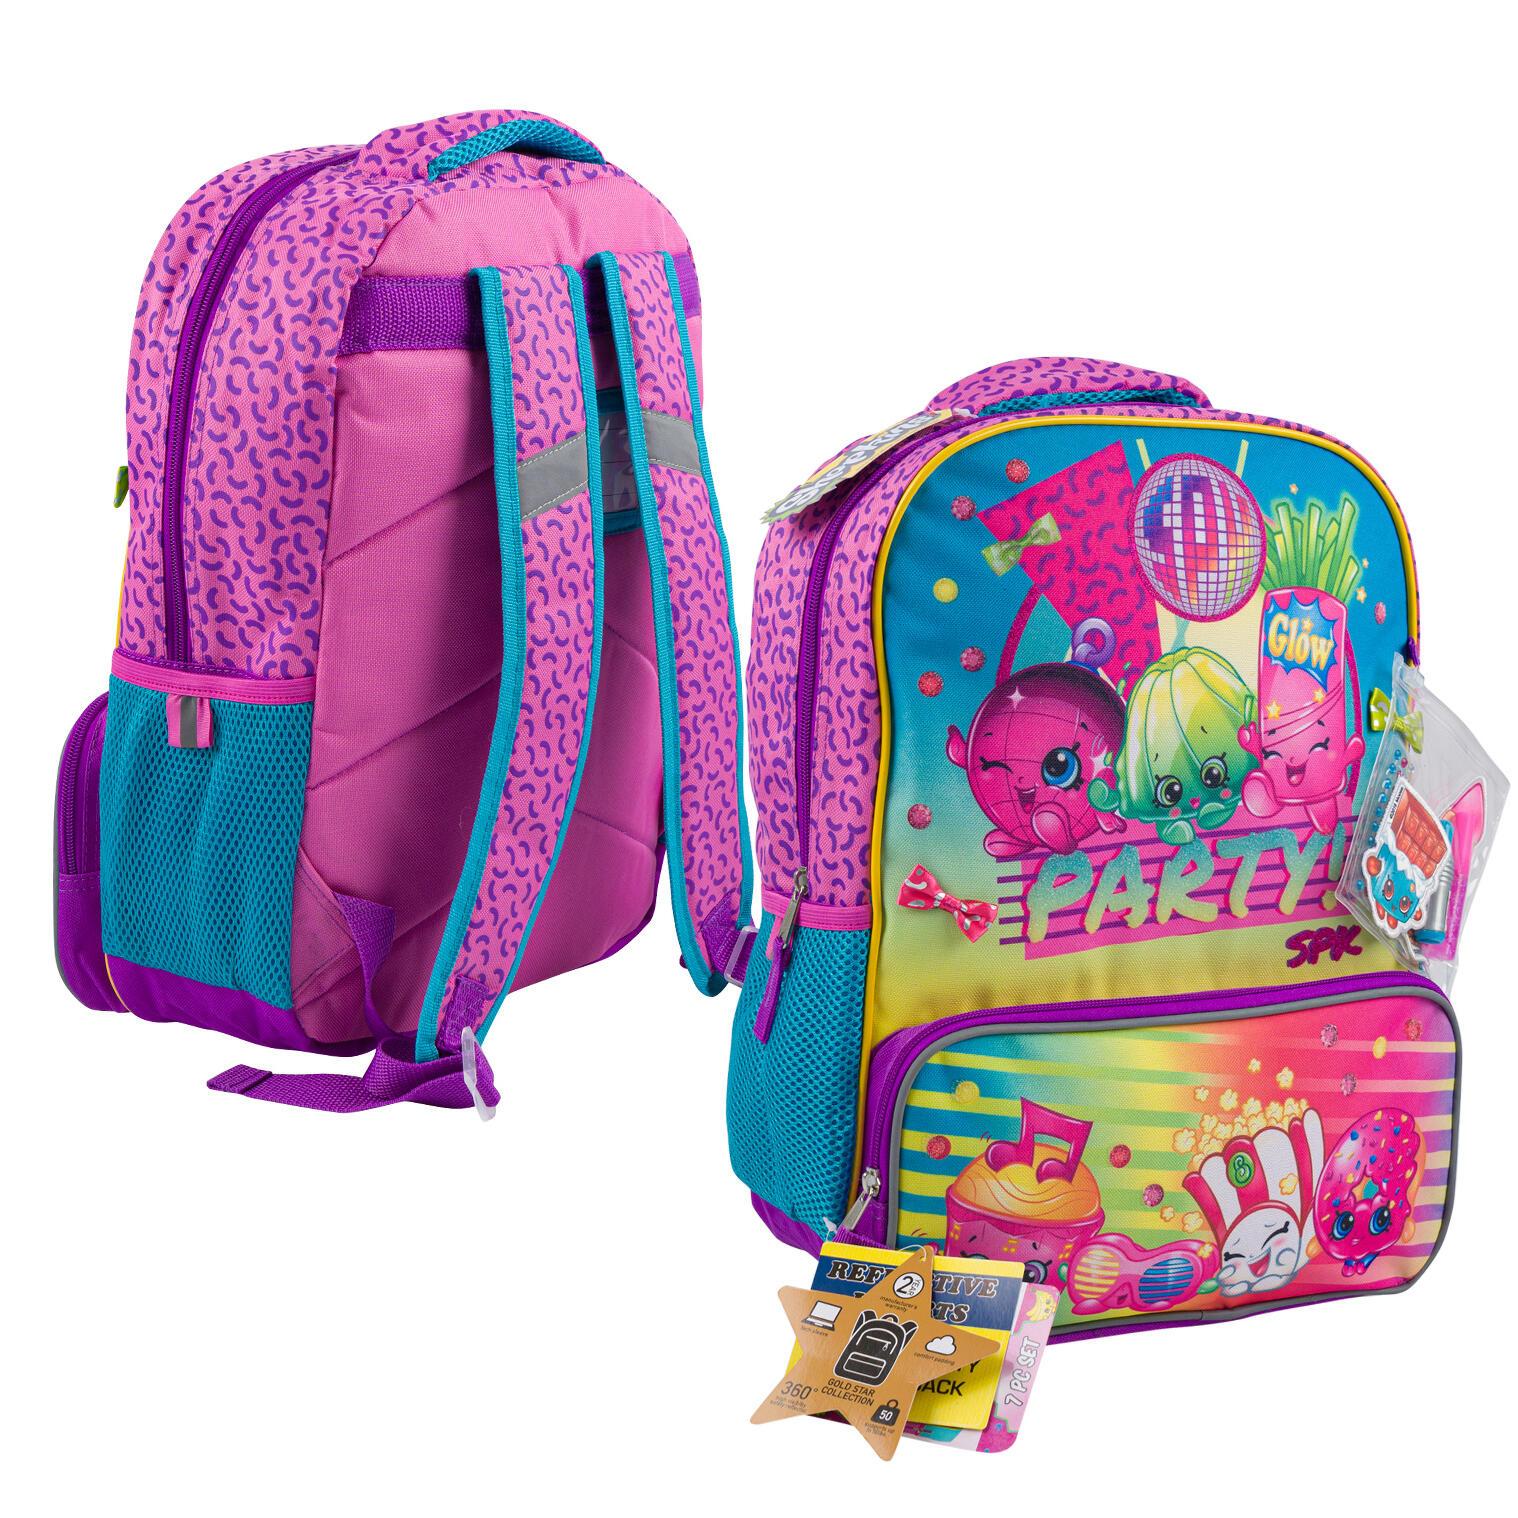 Wholesale 7 Piece Shopkins Backpack Set Multicolor